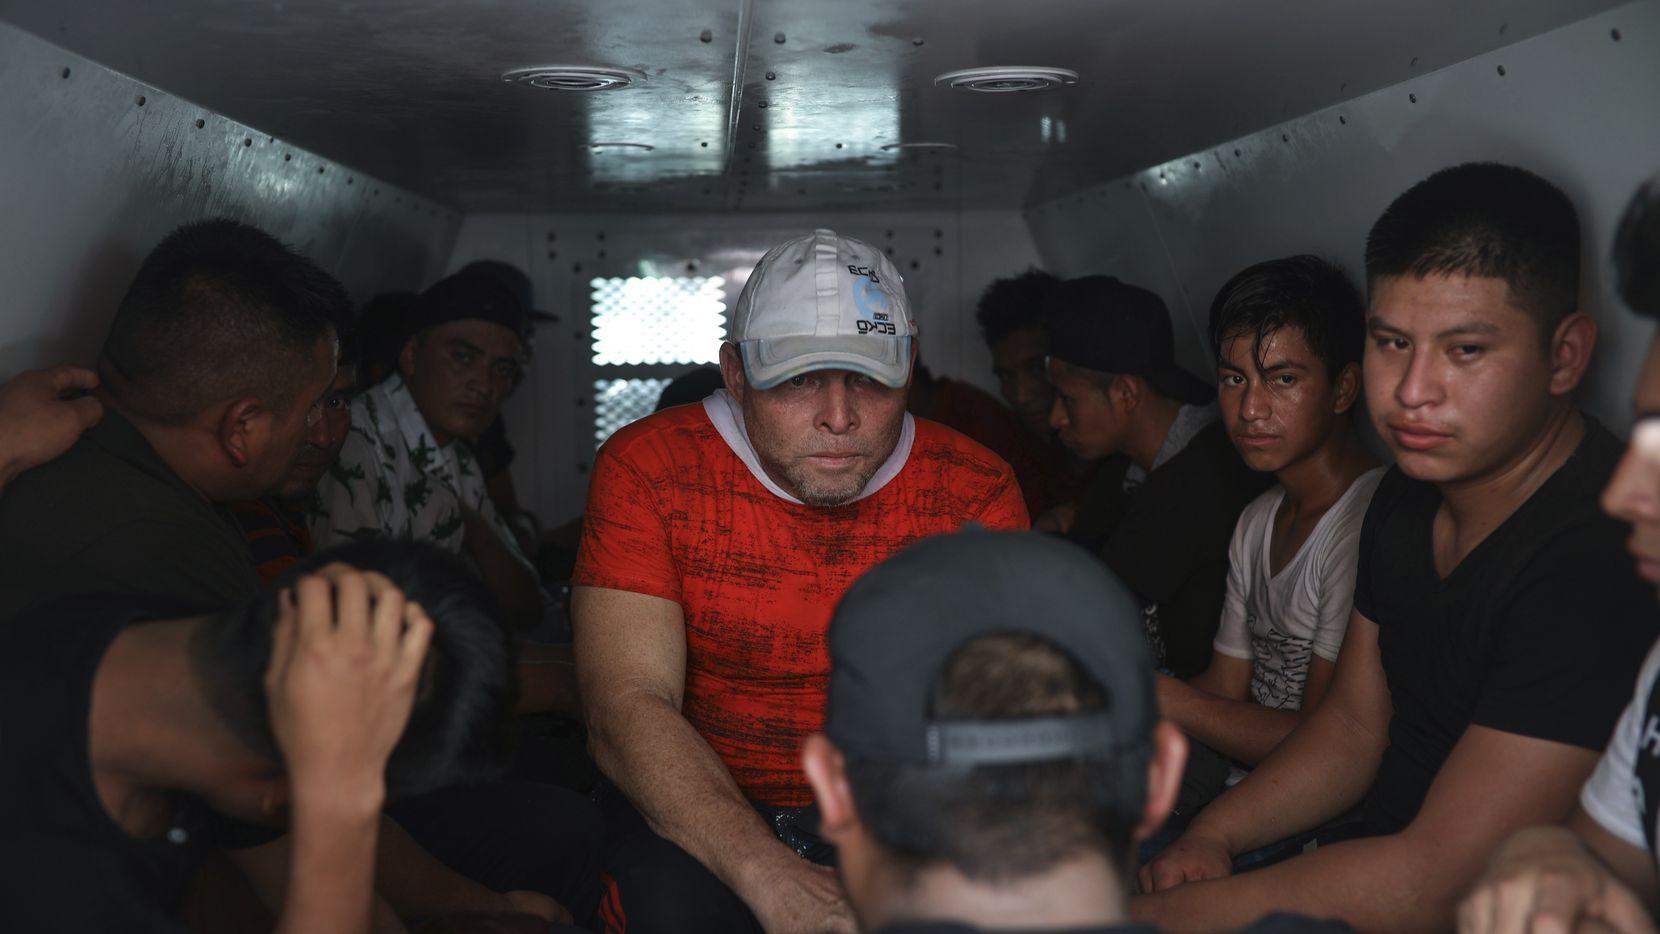 En esta foto del 26 de noviembre de 2019, migrantes permanecen dentro de una camioneta del Instituto Nacional de Migración después de que fueron localizados en la caja de un camión de carga con otros centroamericanos en un puesto de control en Medellín de Bravo, en el estado mexicano de Veracruz.